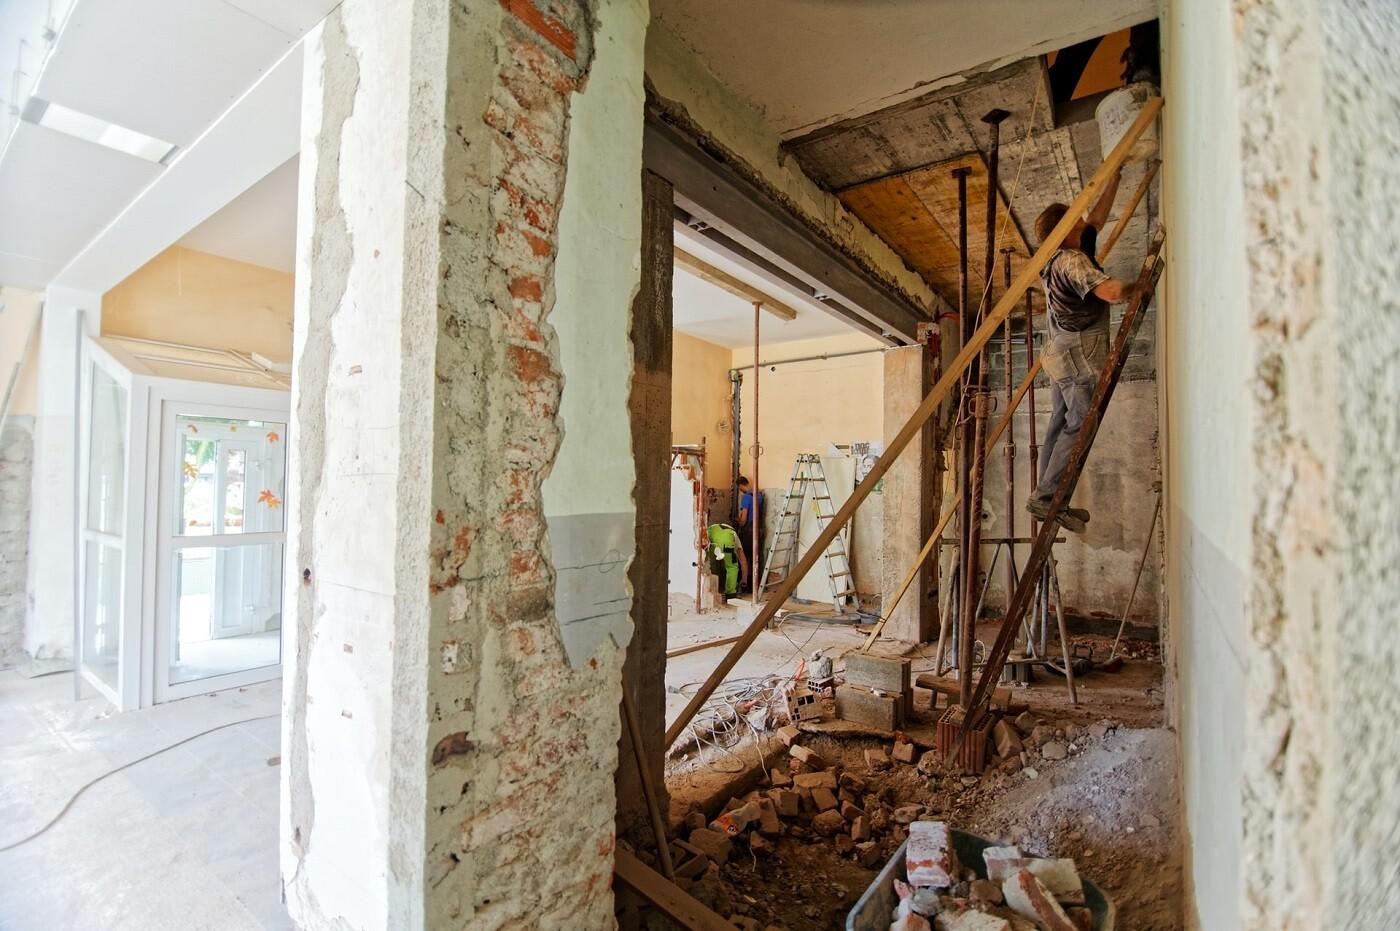 Ventajas e inconvenientes de rehabilitar y construir de nuevo